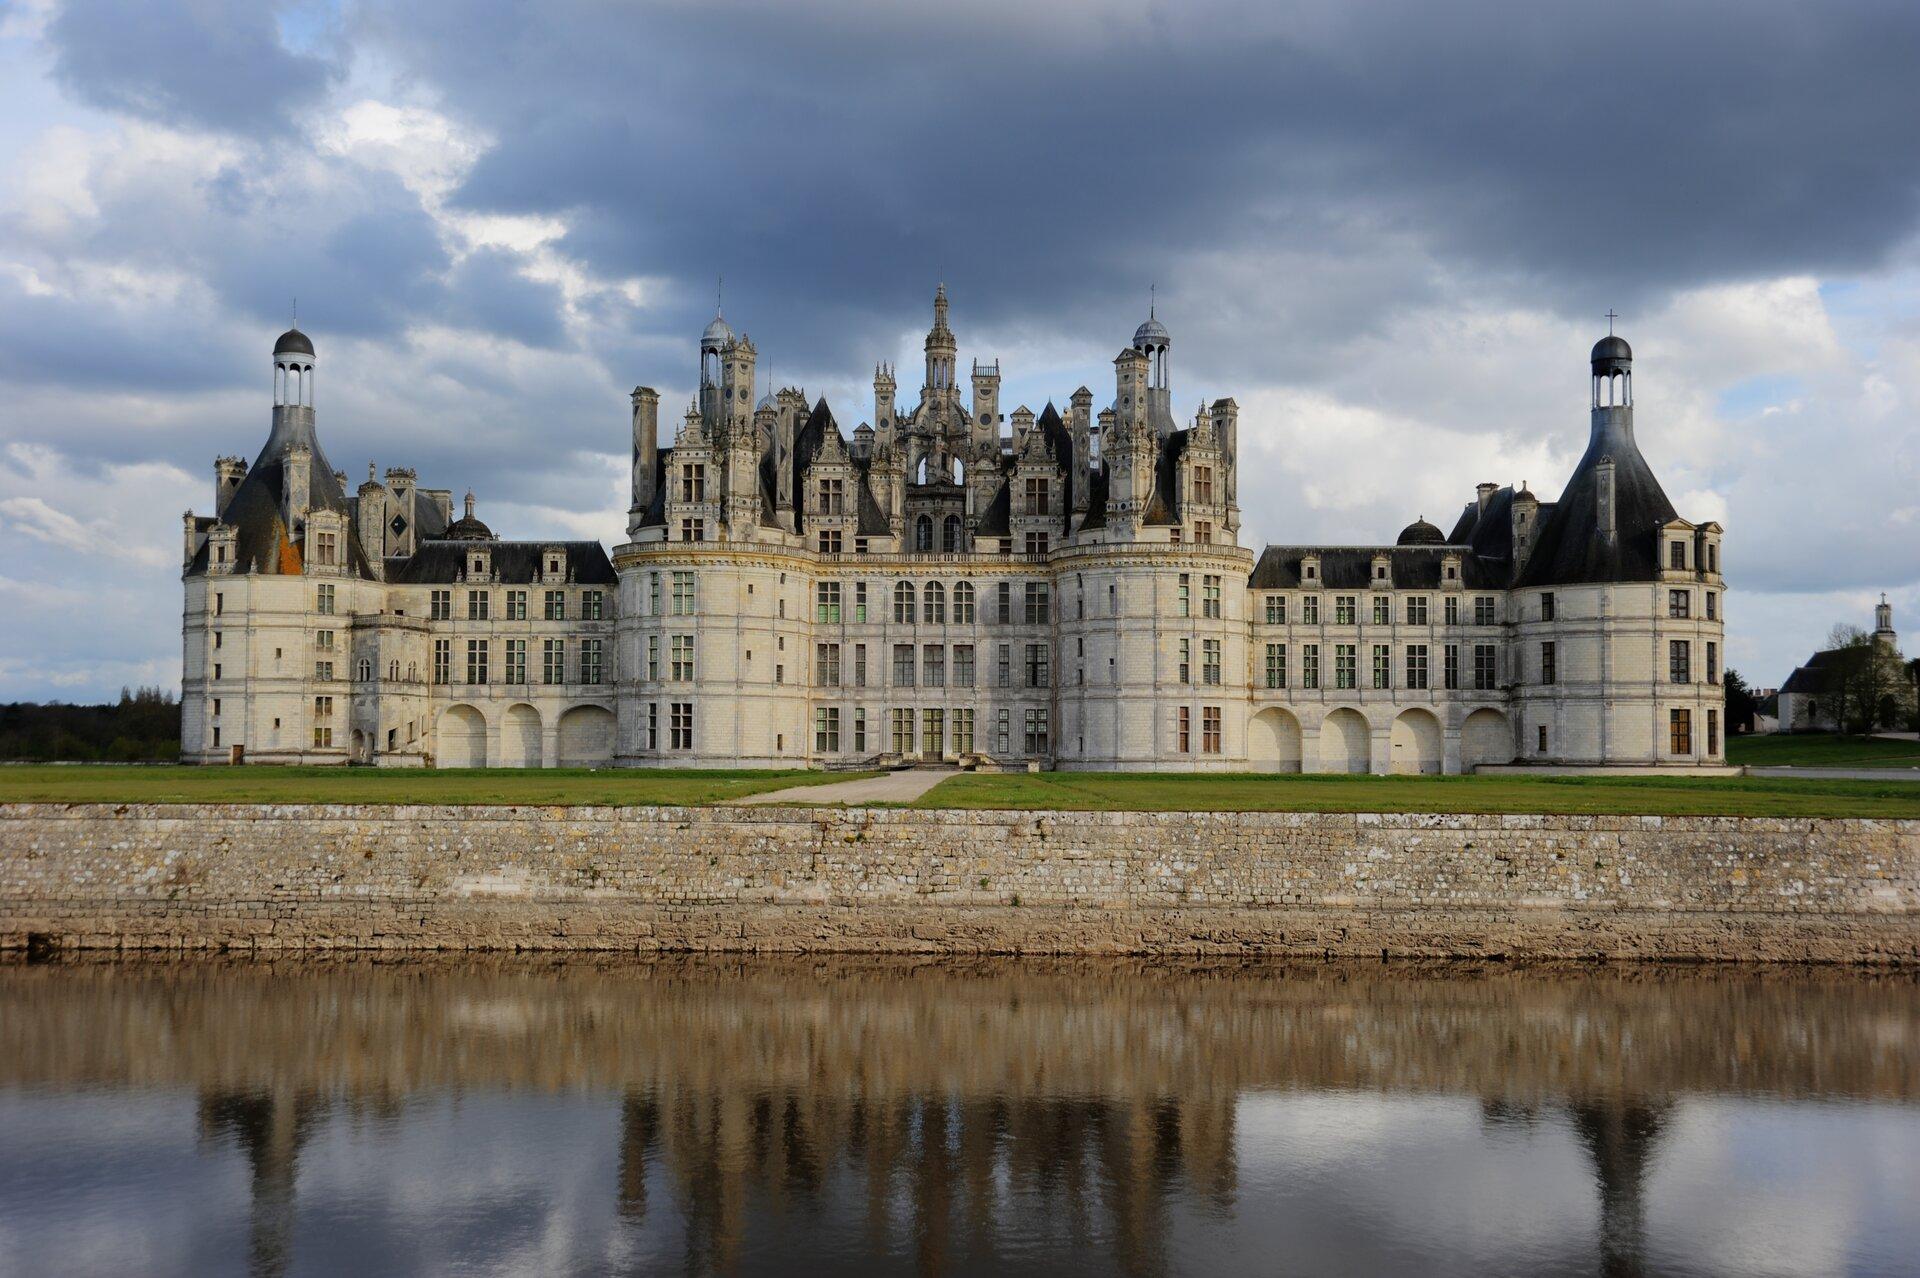 Pałac wChambord (1519-1559).Pałacwzniesiony na rozkaz królów Francji Franciszka Ioraz Henryka II. Pałac wChambord (1519-1559).Pałacwzniesiony na rozkaz królów Francji Franciszka Ioraz Henryka II. Źródło: LaurentC92, Wikimedia Commons, licencja: CC BY-SA 3.0.